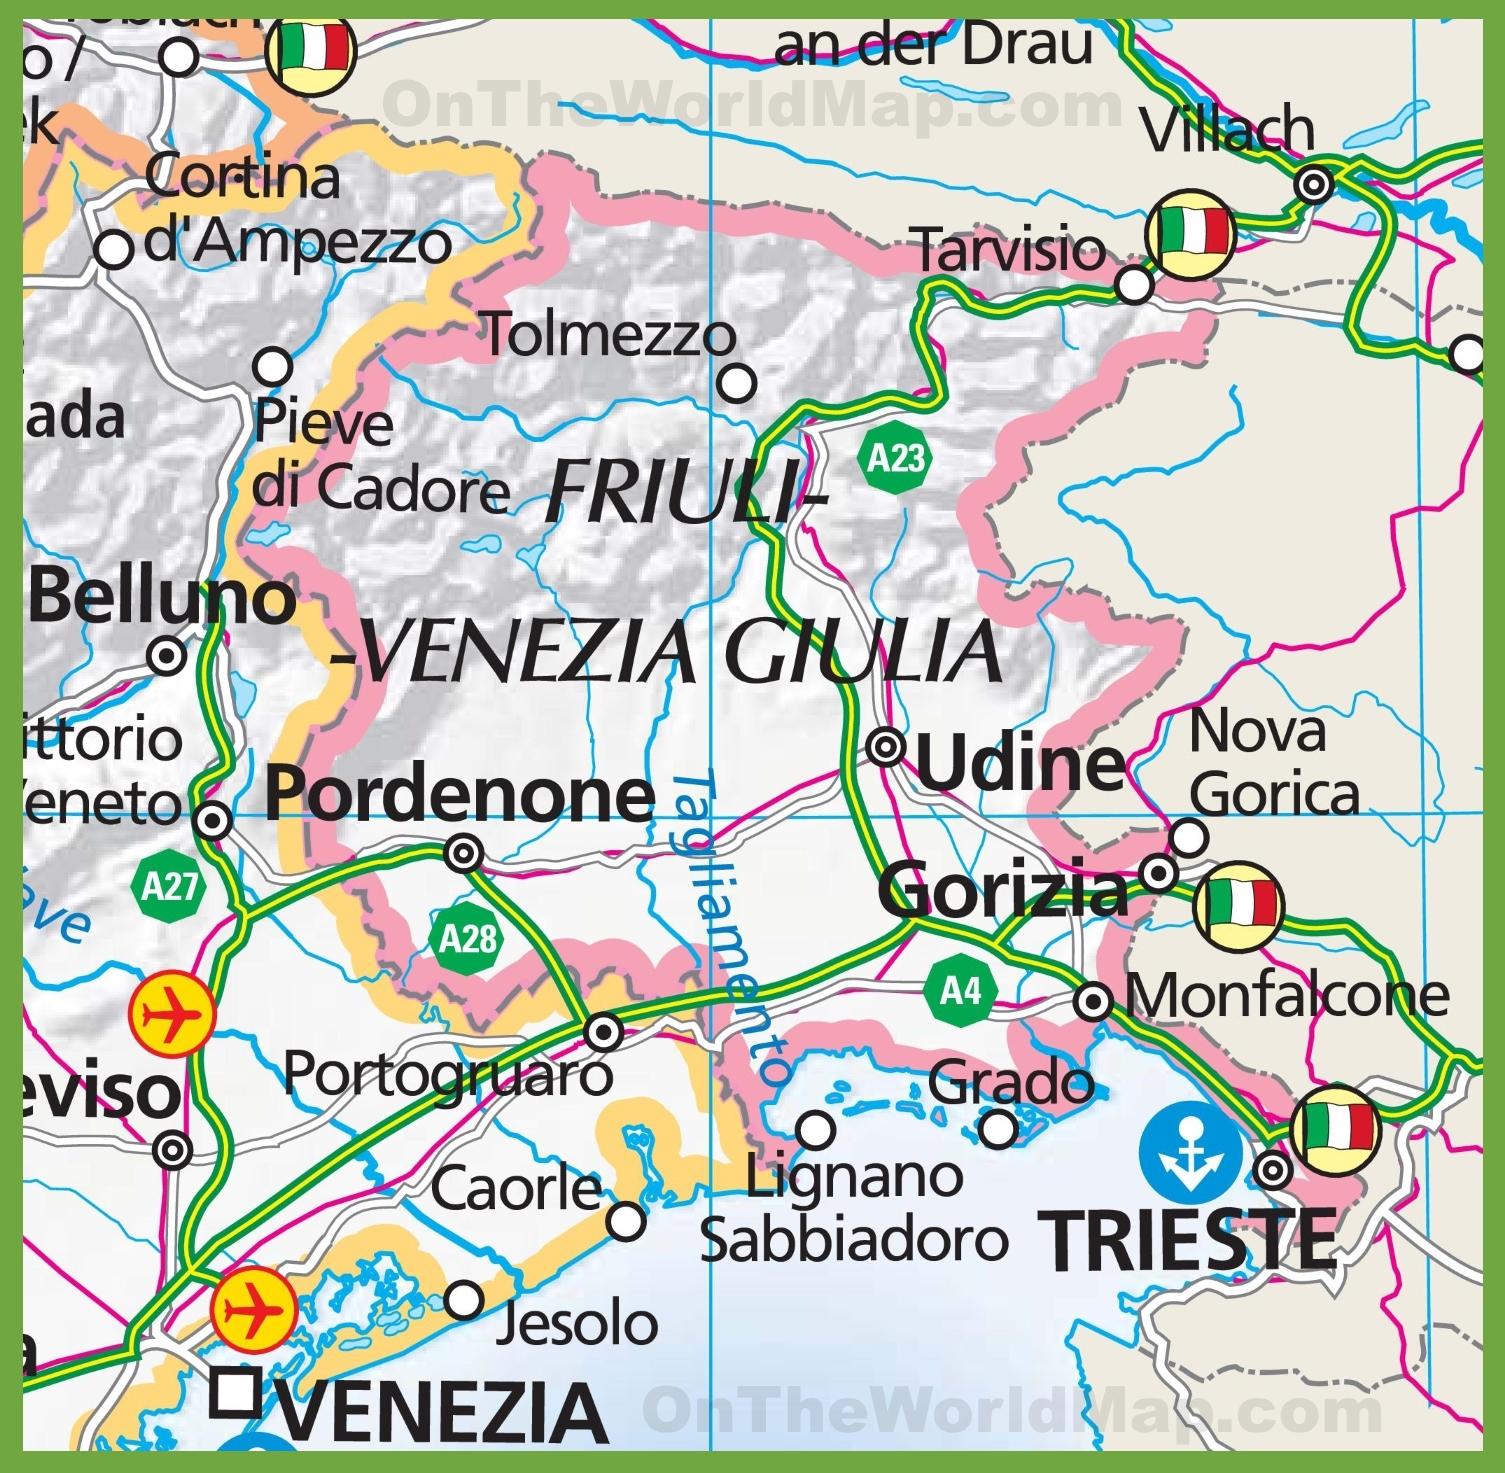 map of Friuli Venezia Giulia